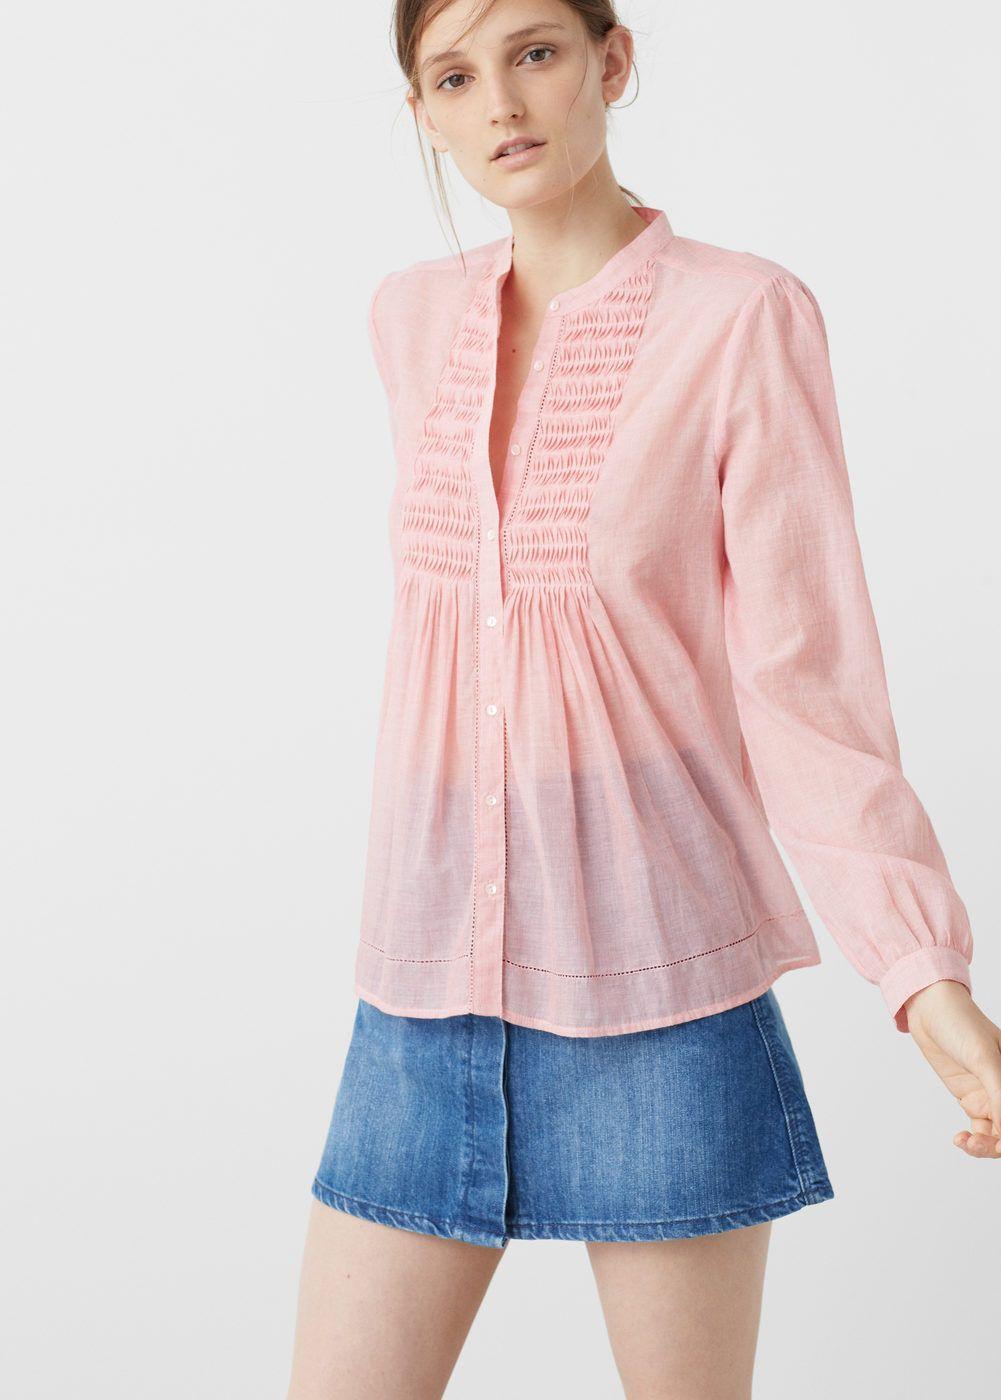 d478a801bcce Blouse texturée coton - Femme